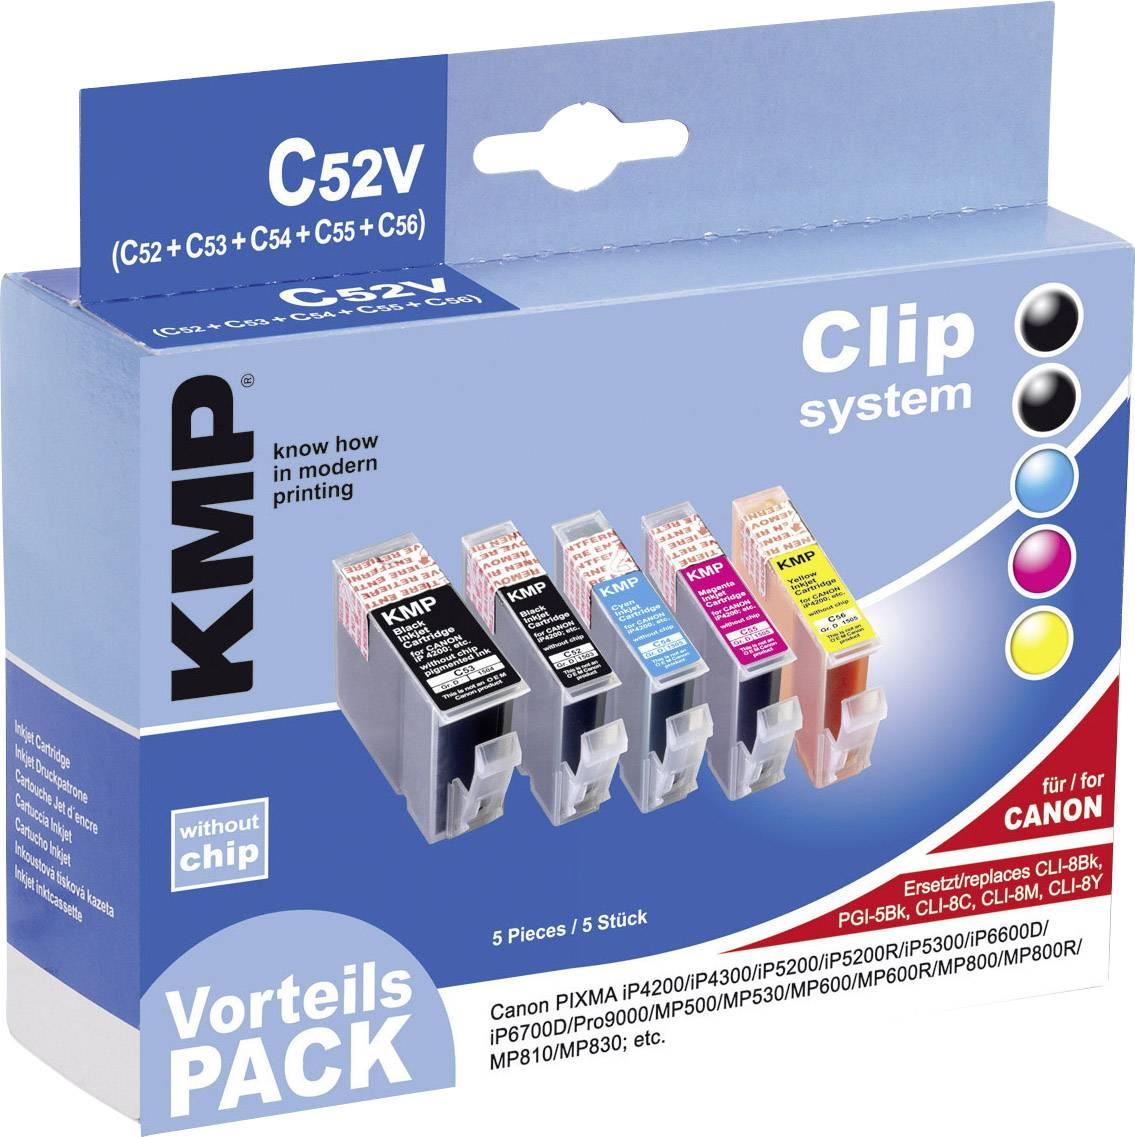 Kompatibilná sada náplní do tlačiarne KMP C52V 1503,0205, čierna, zelenomodrá, purpurová, žltá